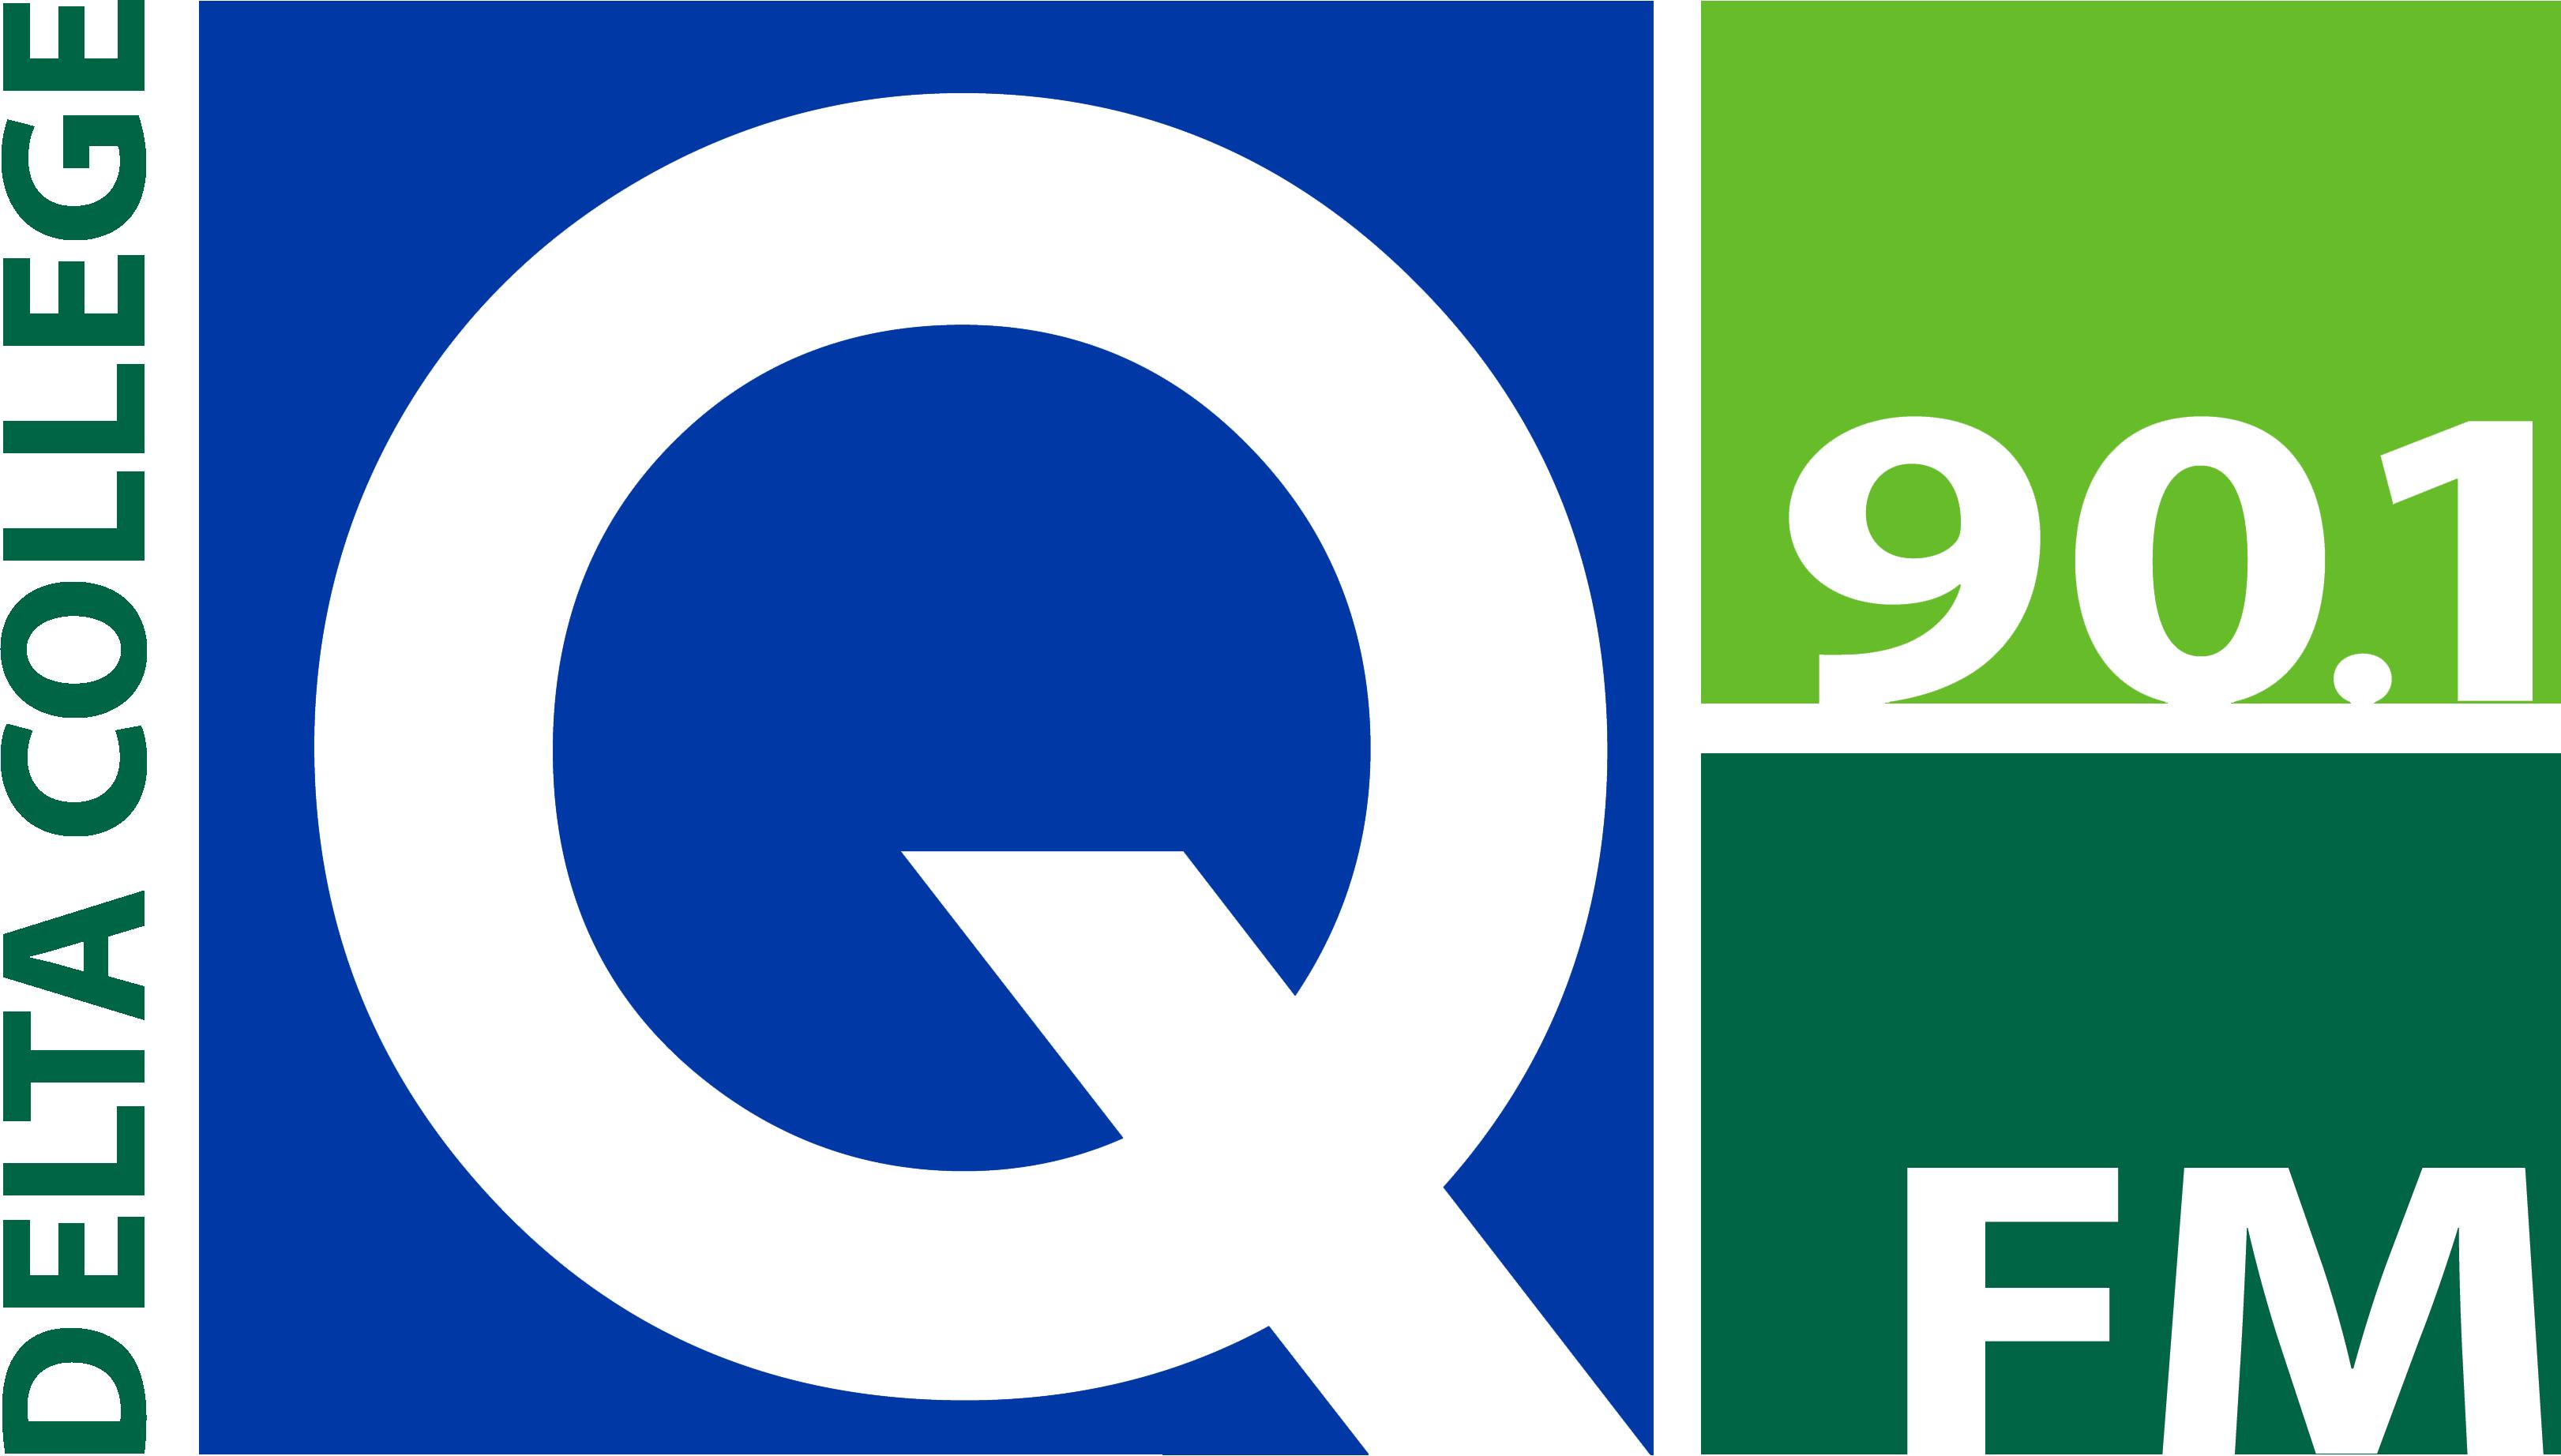 Q-90.1 FM Standard Logo